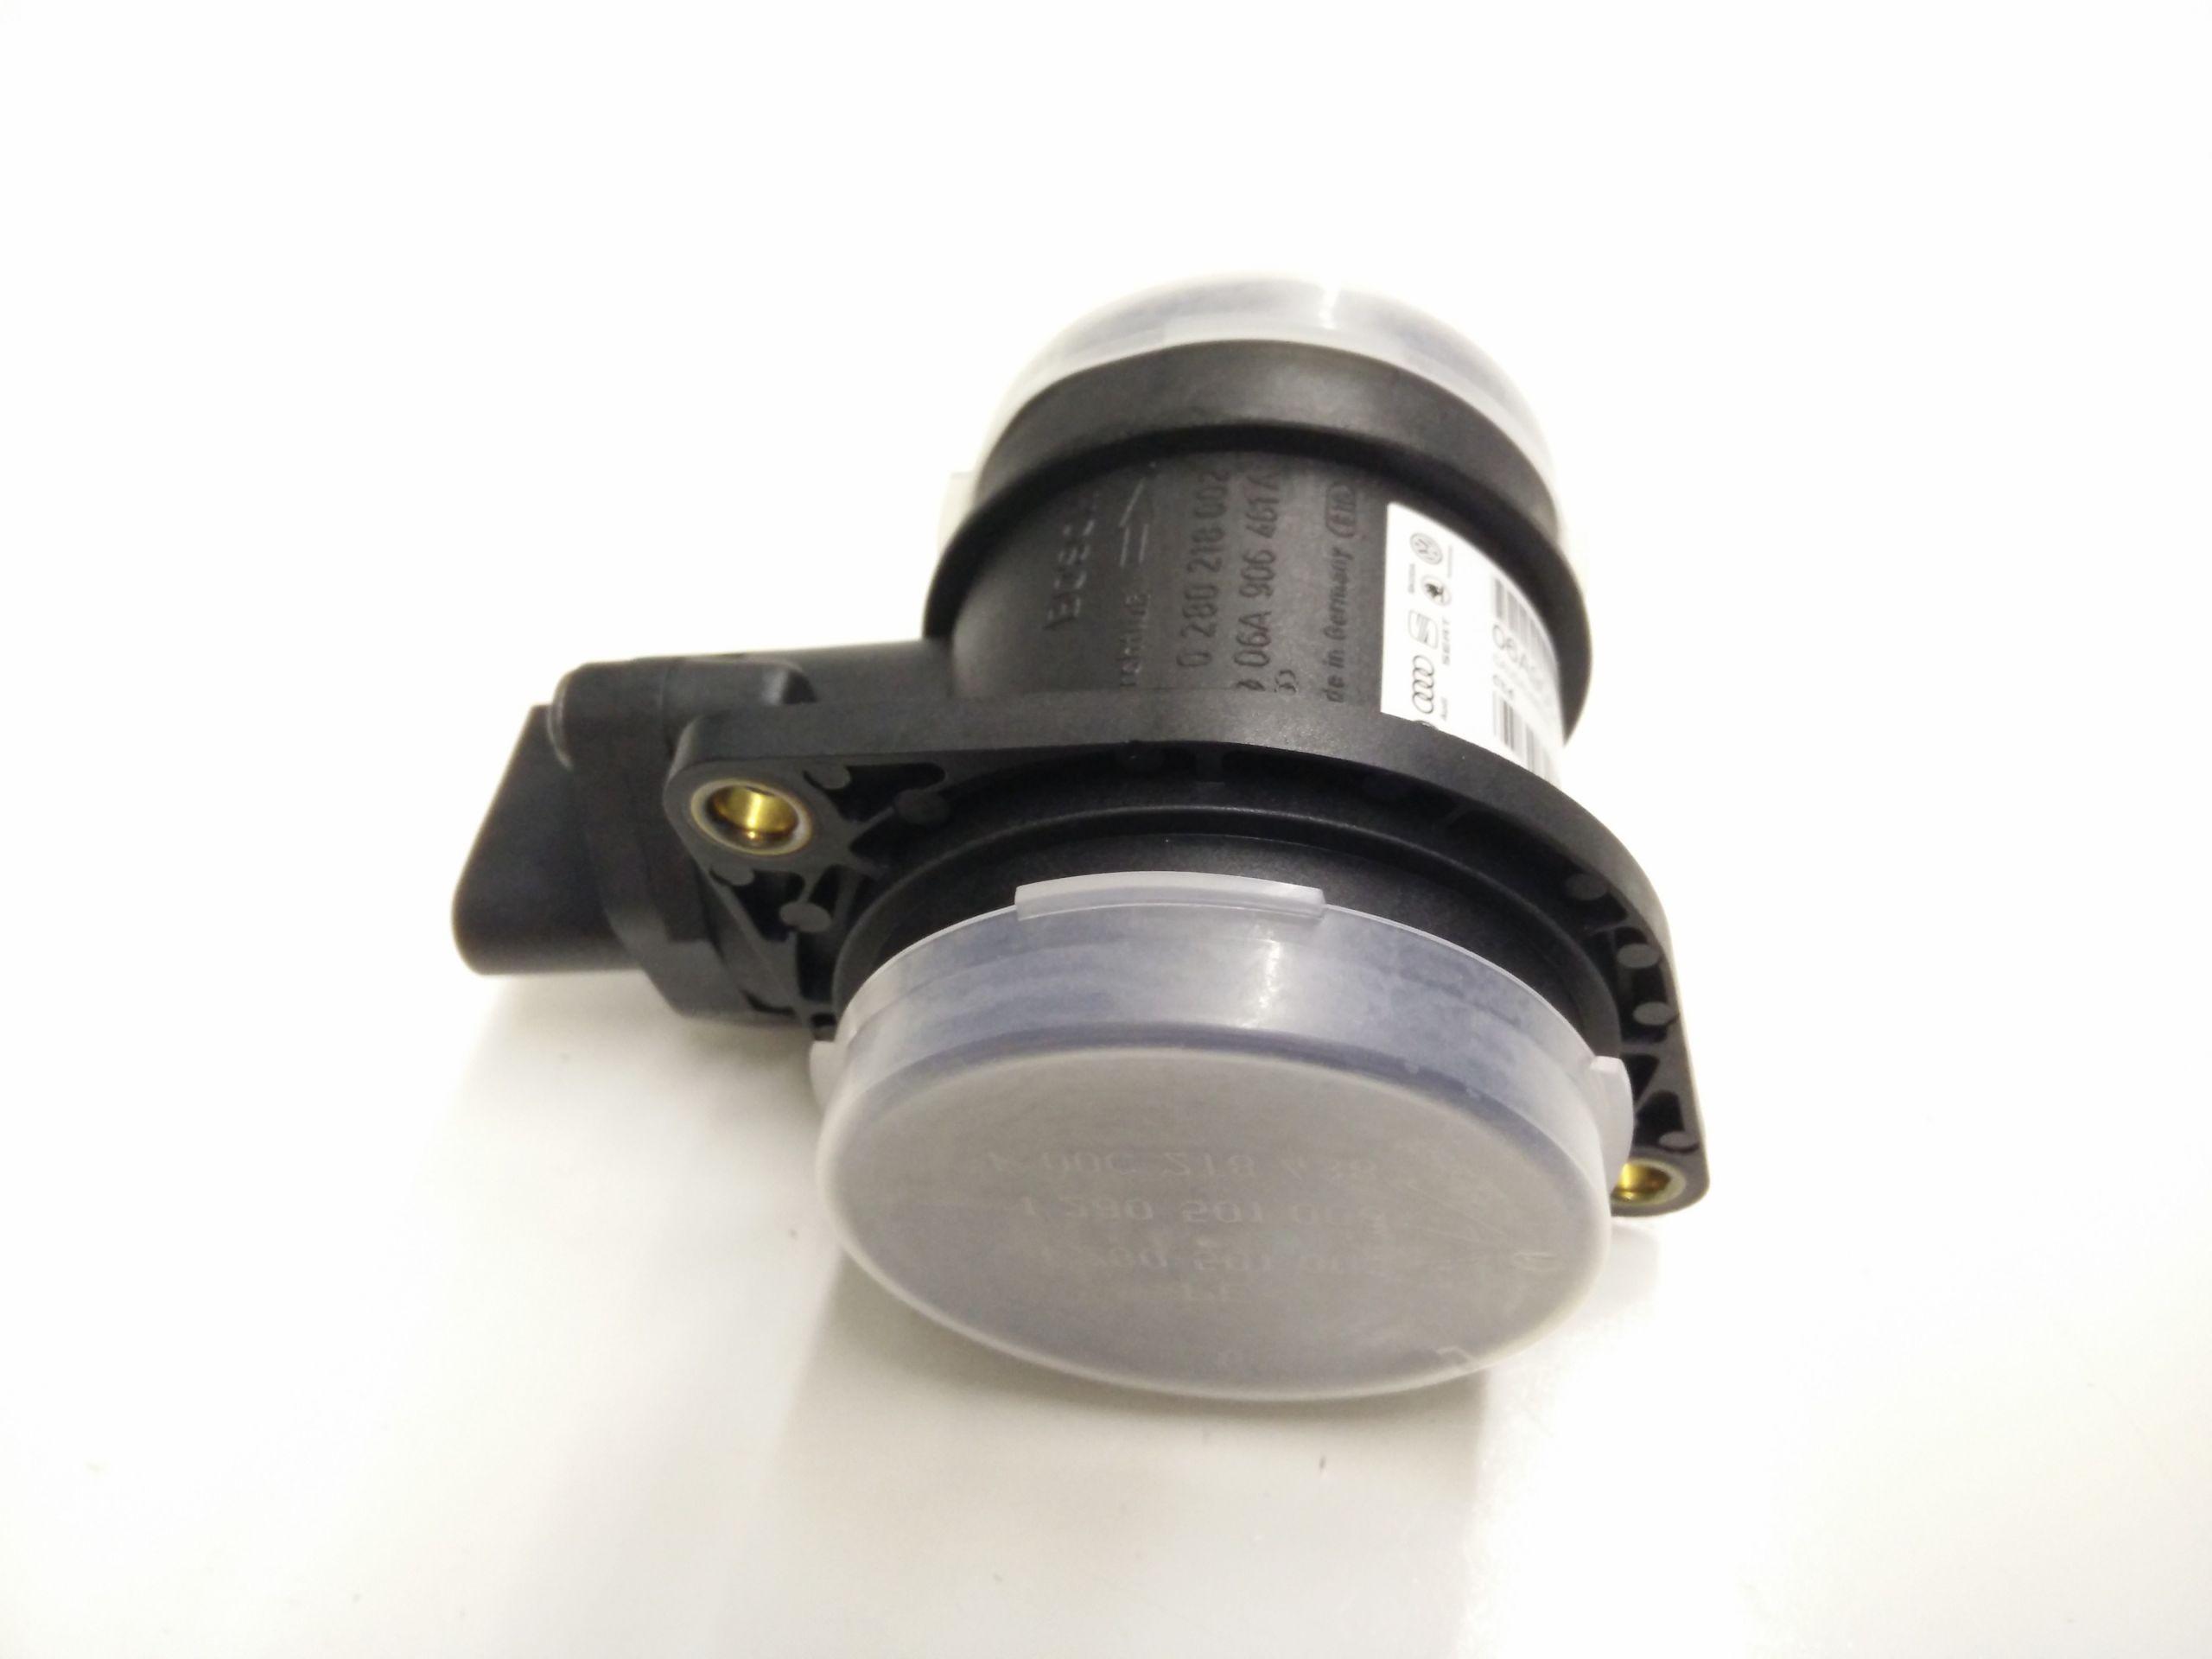 2001 Vw Jetta 2.0 Crankshaft Sensor Wiring 2001 Volkswagen Jetta Mass Air Flow Sensor Air Meter Mass Air Flow Sensor 06a A Of 2001 Vw Jetta 2.0 Crankshaft Sensor Wiring